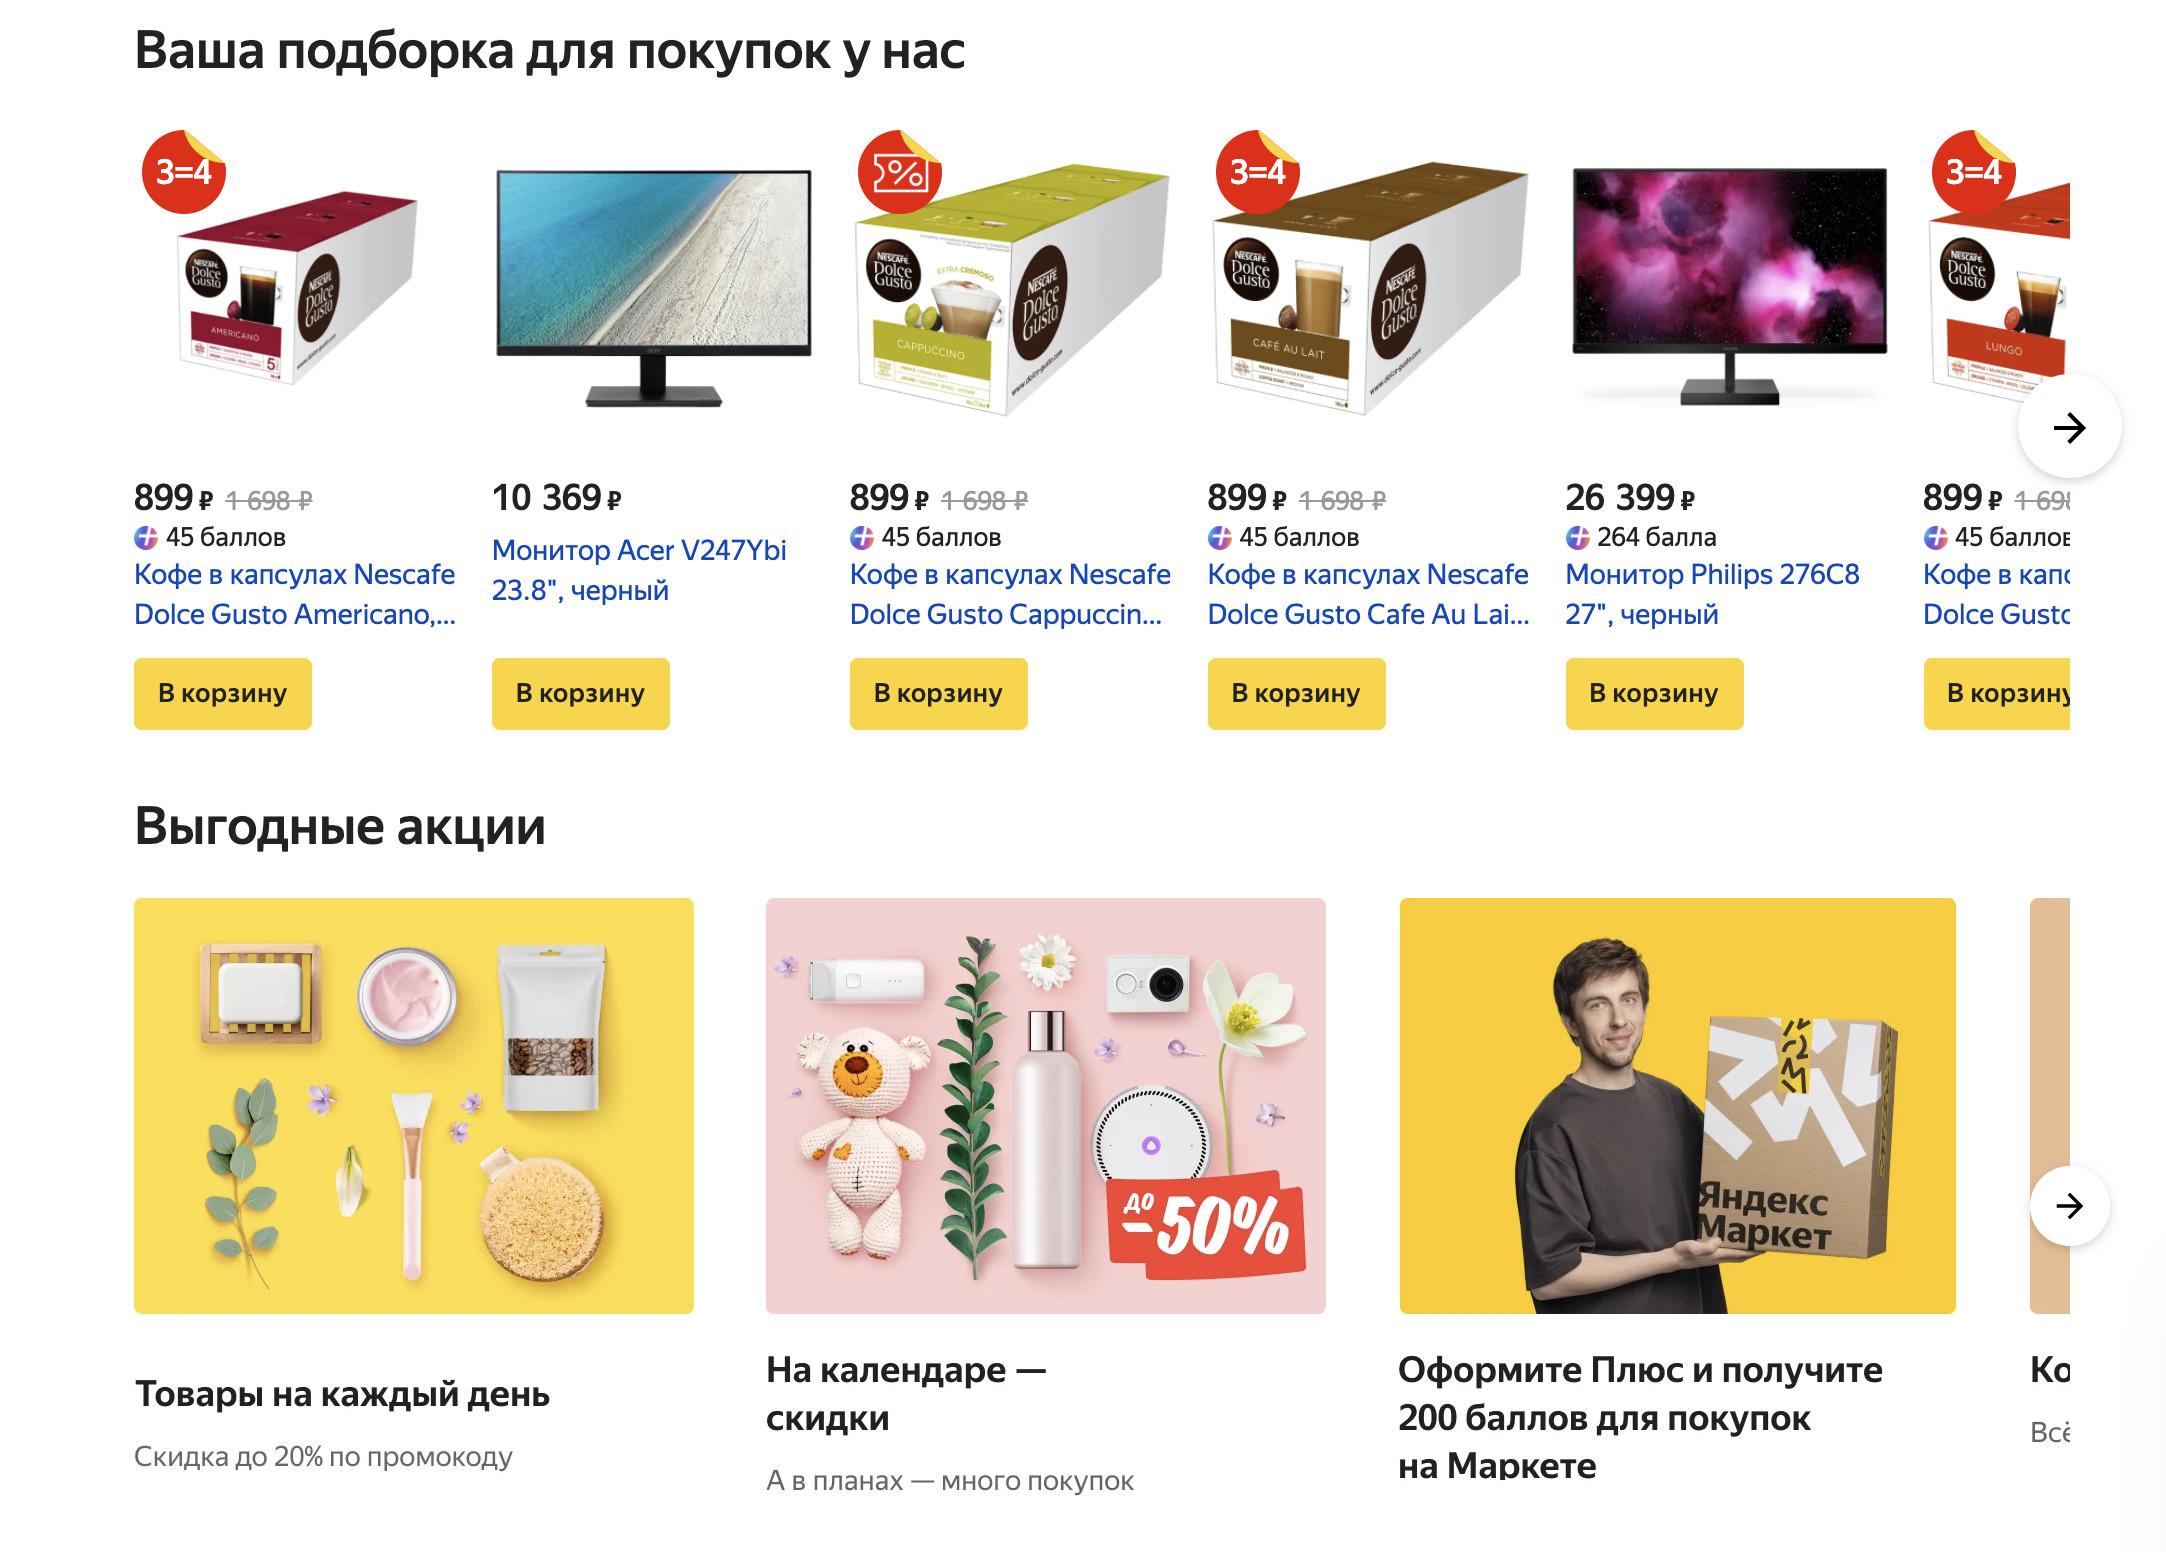 Доставка из Яндекс.Маркет в Новороссийск, сроки, пункты выдачи, каталог